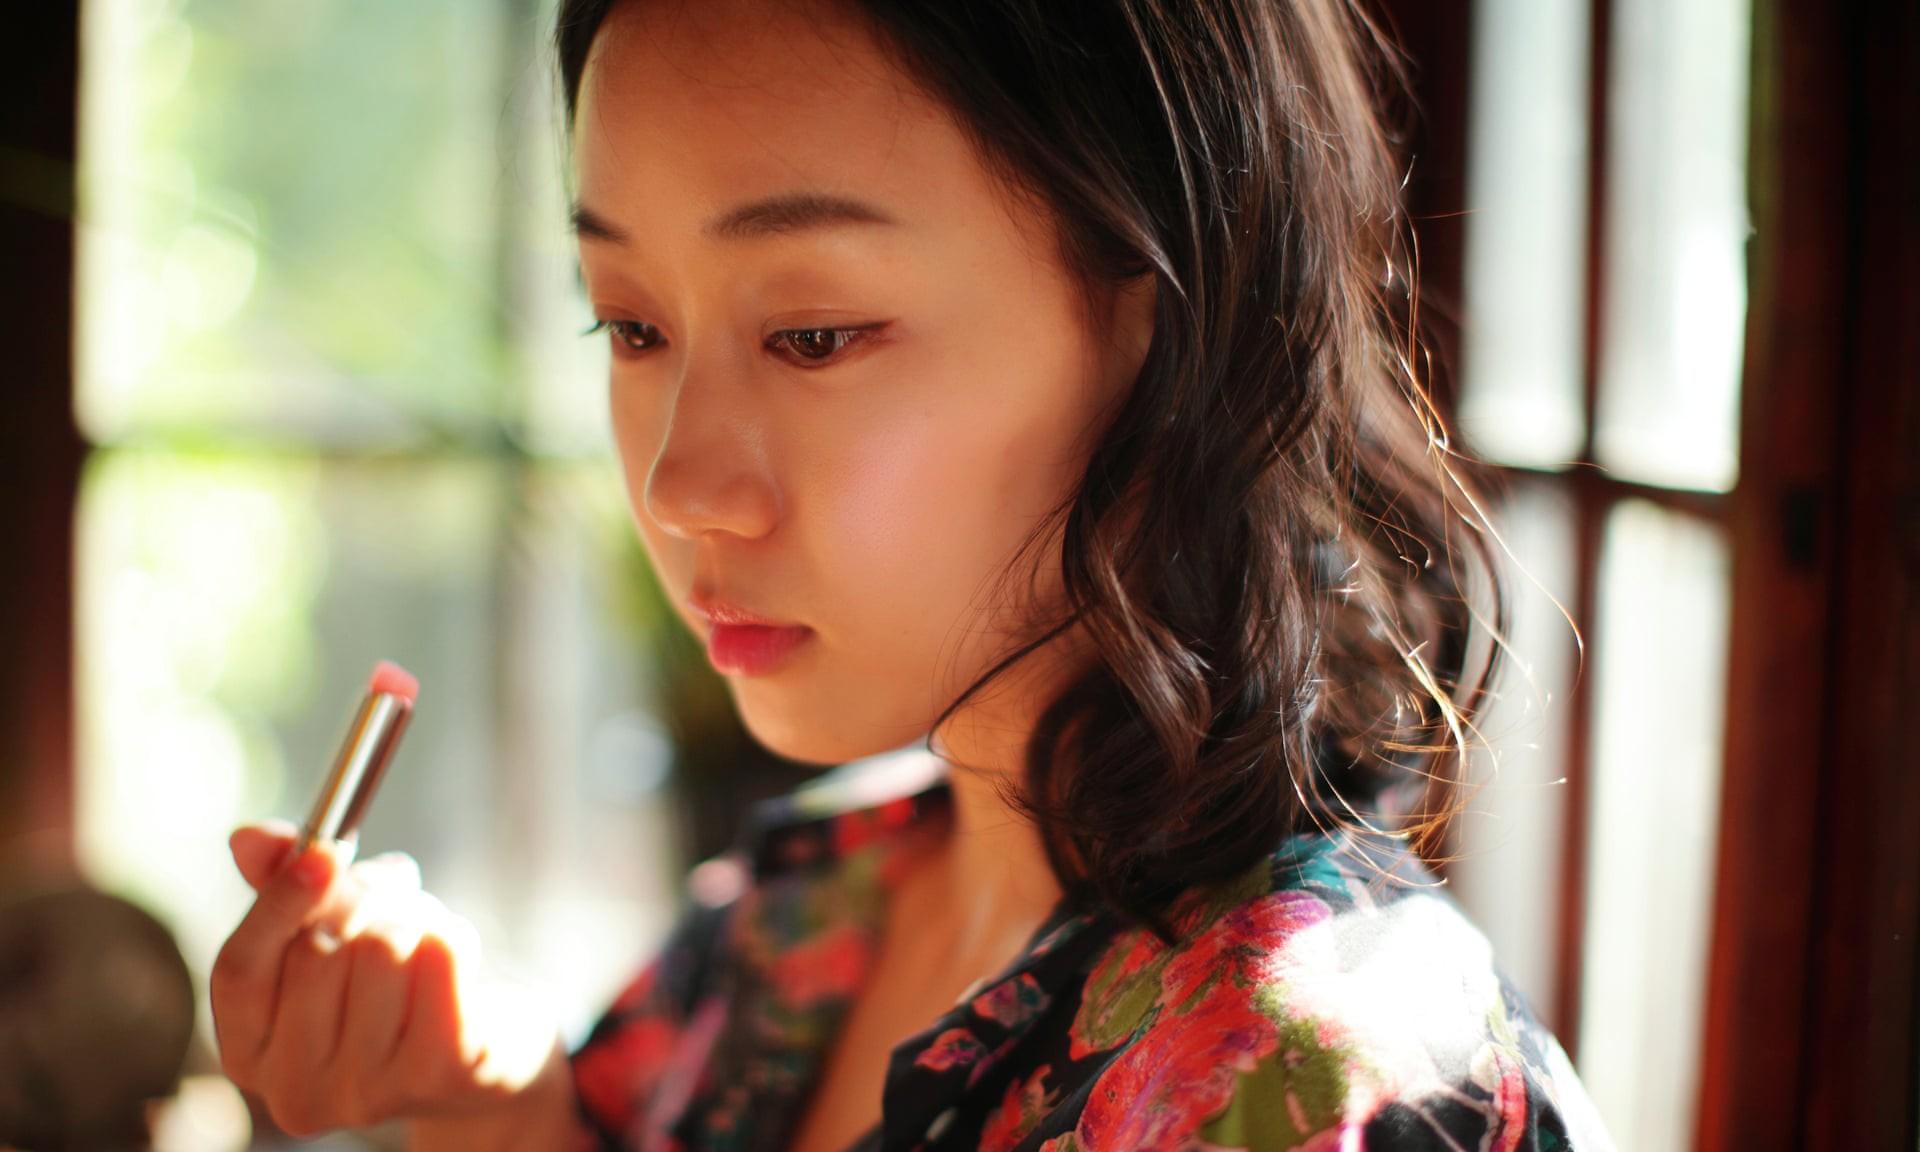 """""""Escape the corset"""": Khi phụ nữ Hàn Quốc thoát khỏi nỗi ám ảnh về cái đẹp hoàn mỹ đến từ mỹ phẩm và dao kéo - Ảnh 6."""